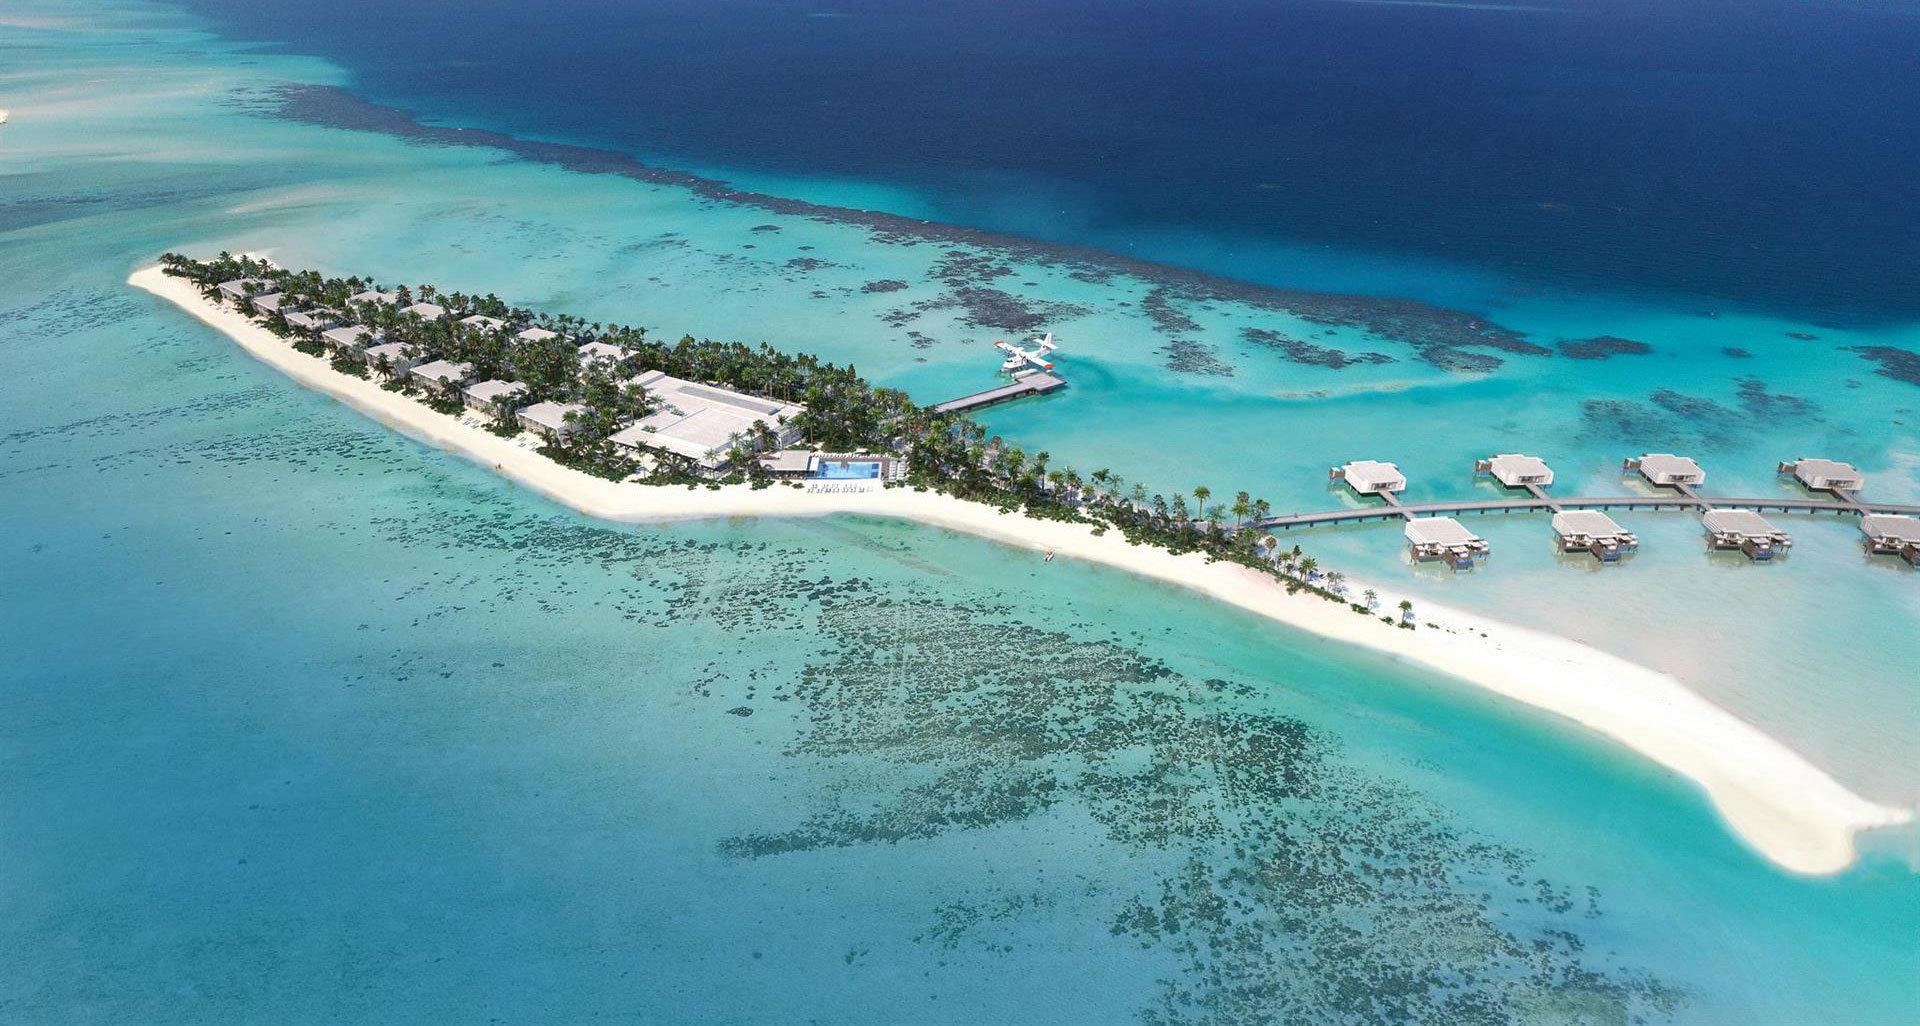 RIU ATOLL MALDIVE